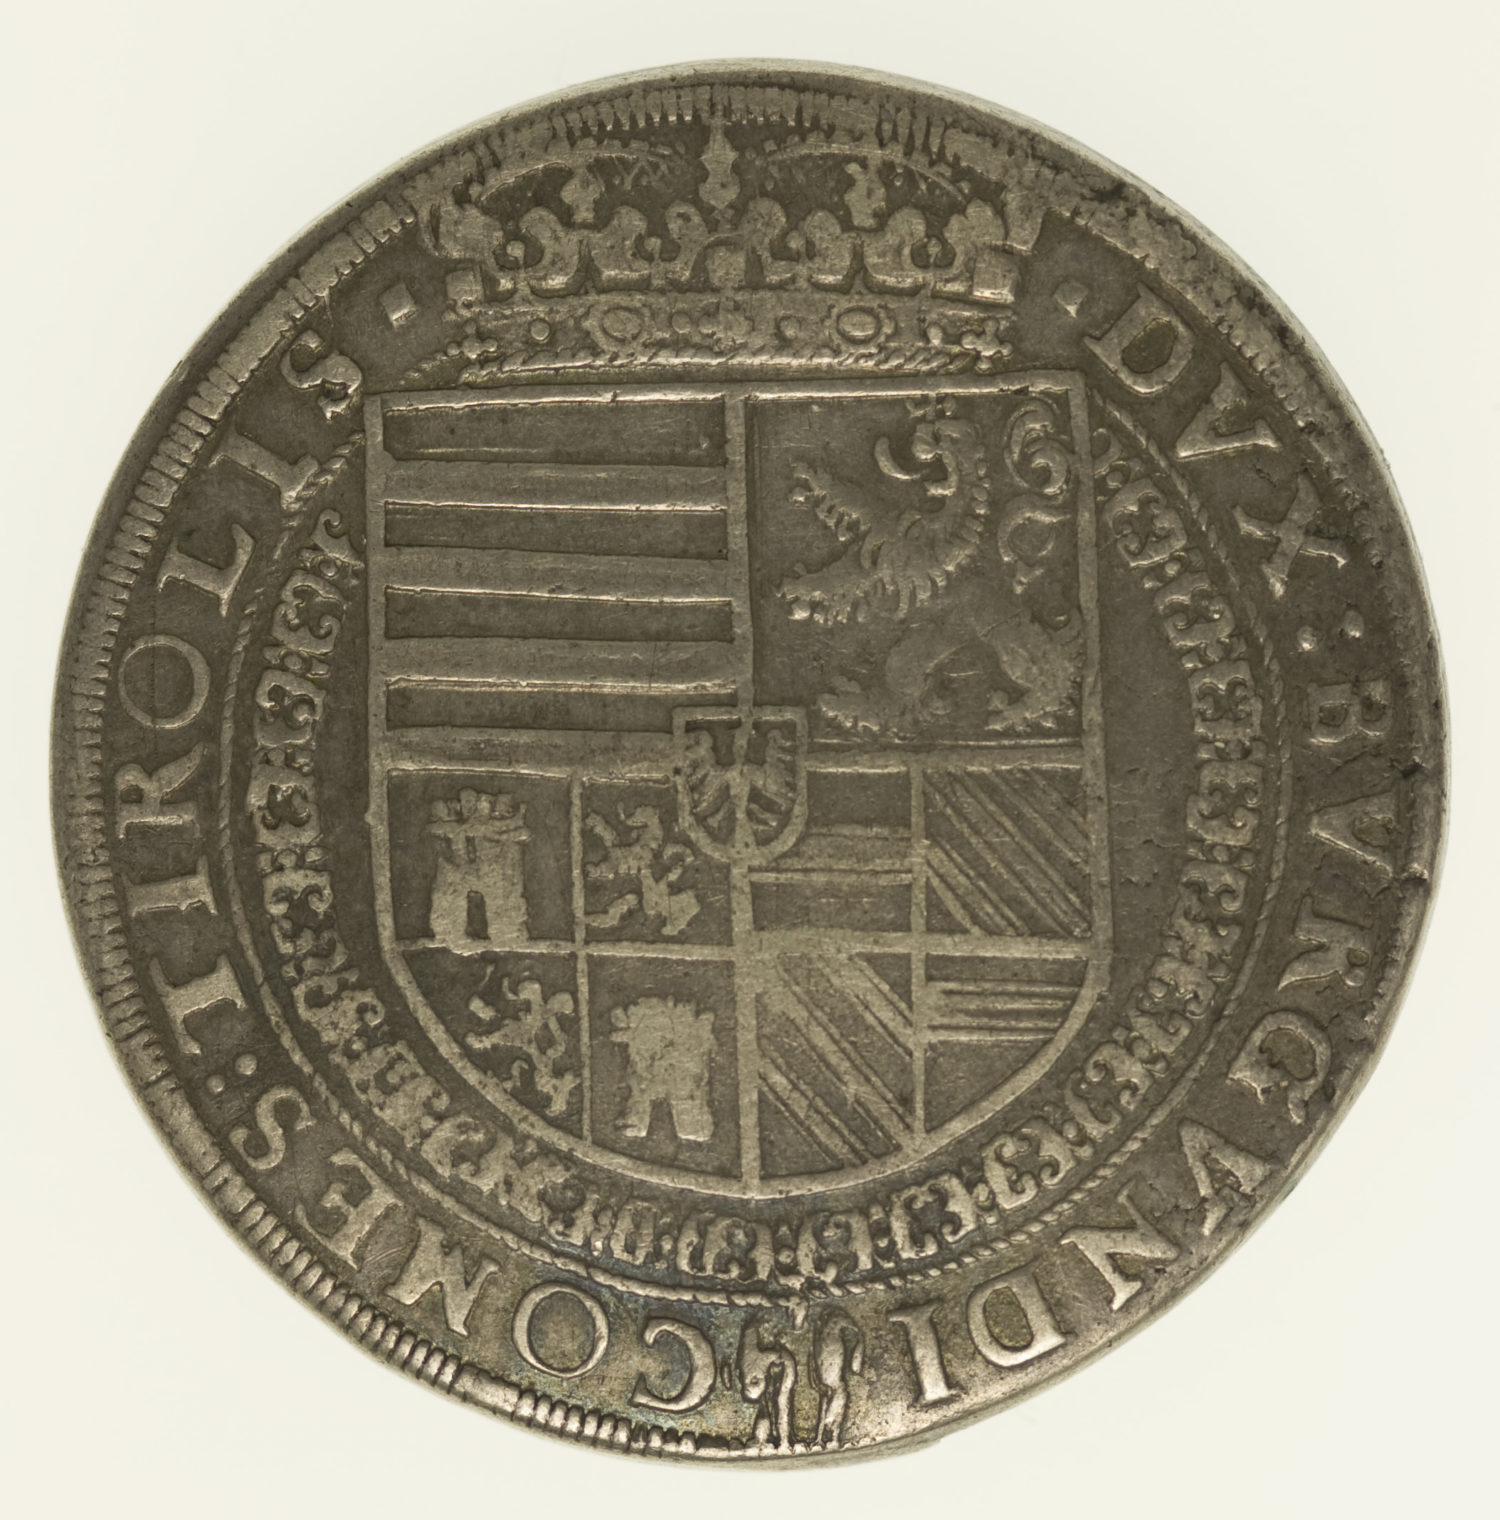 oesterreich-silbermuenzen-uebriges-europa - Tirol Ferdinand Reichstaler o.J.